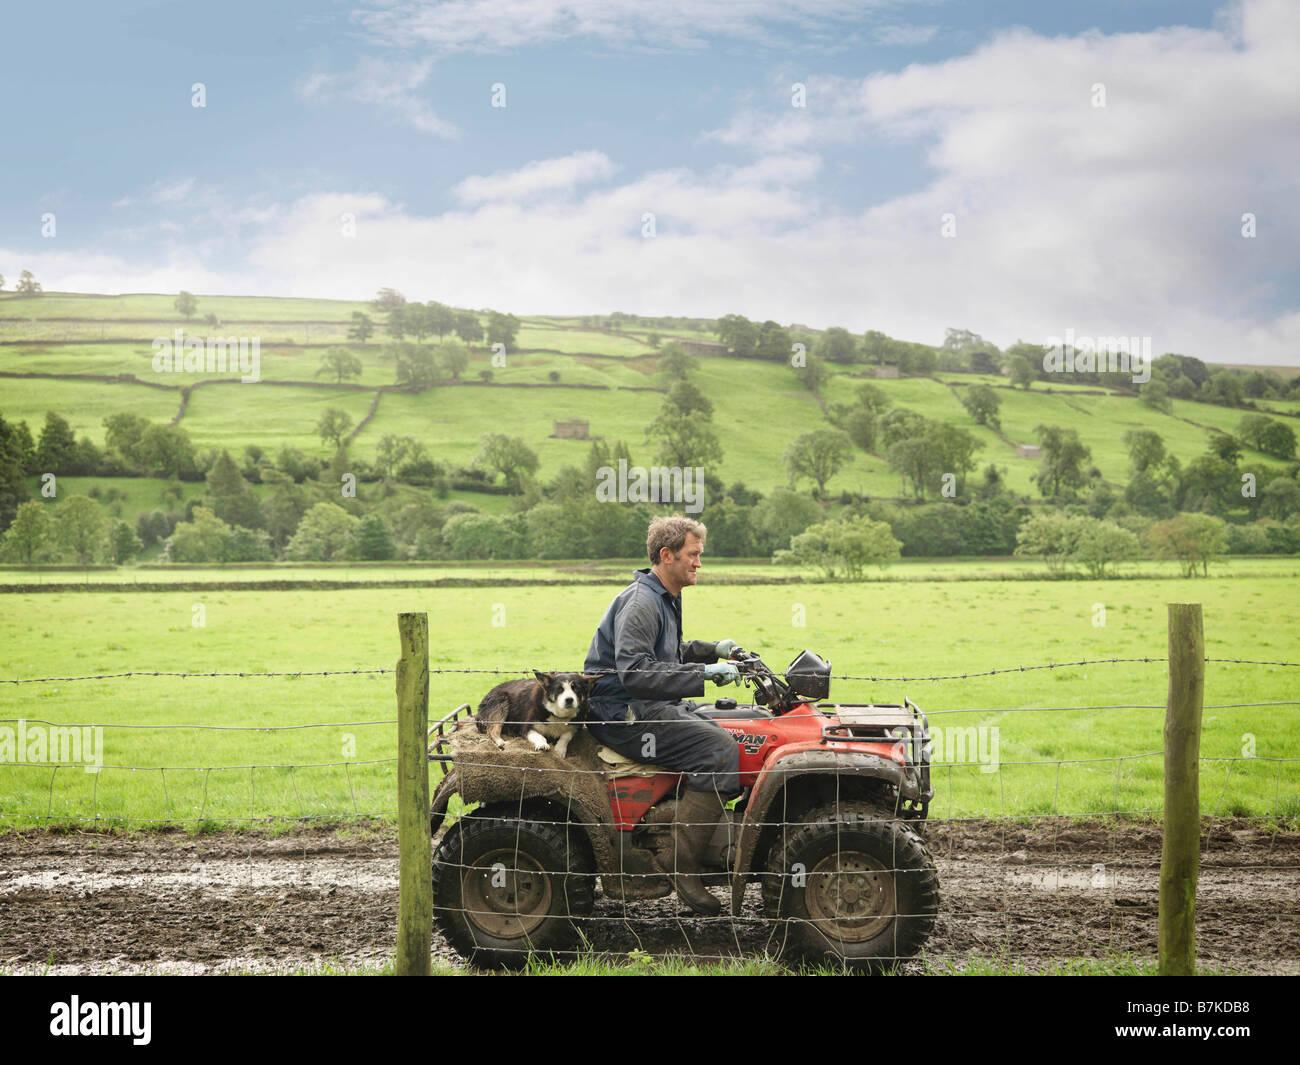 Agriculteur et de chien sur le tracteur Photo Stock